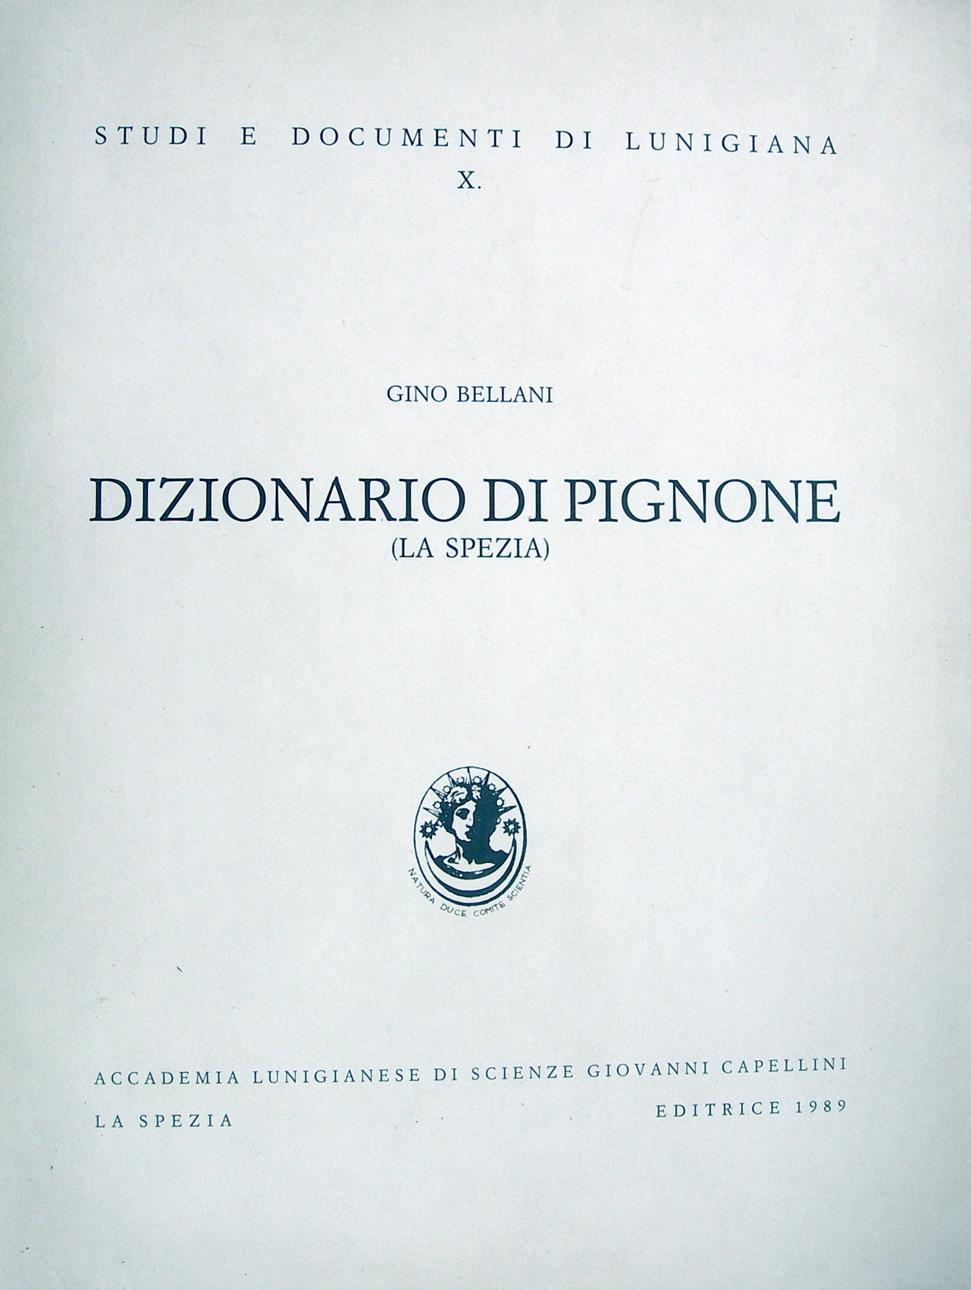 Dizionario di Pignone